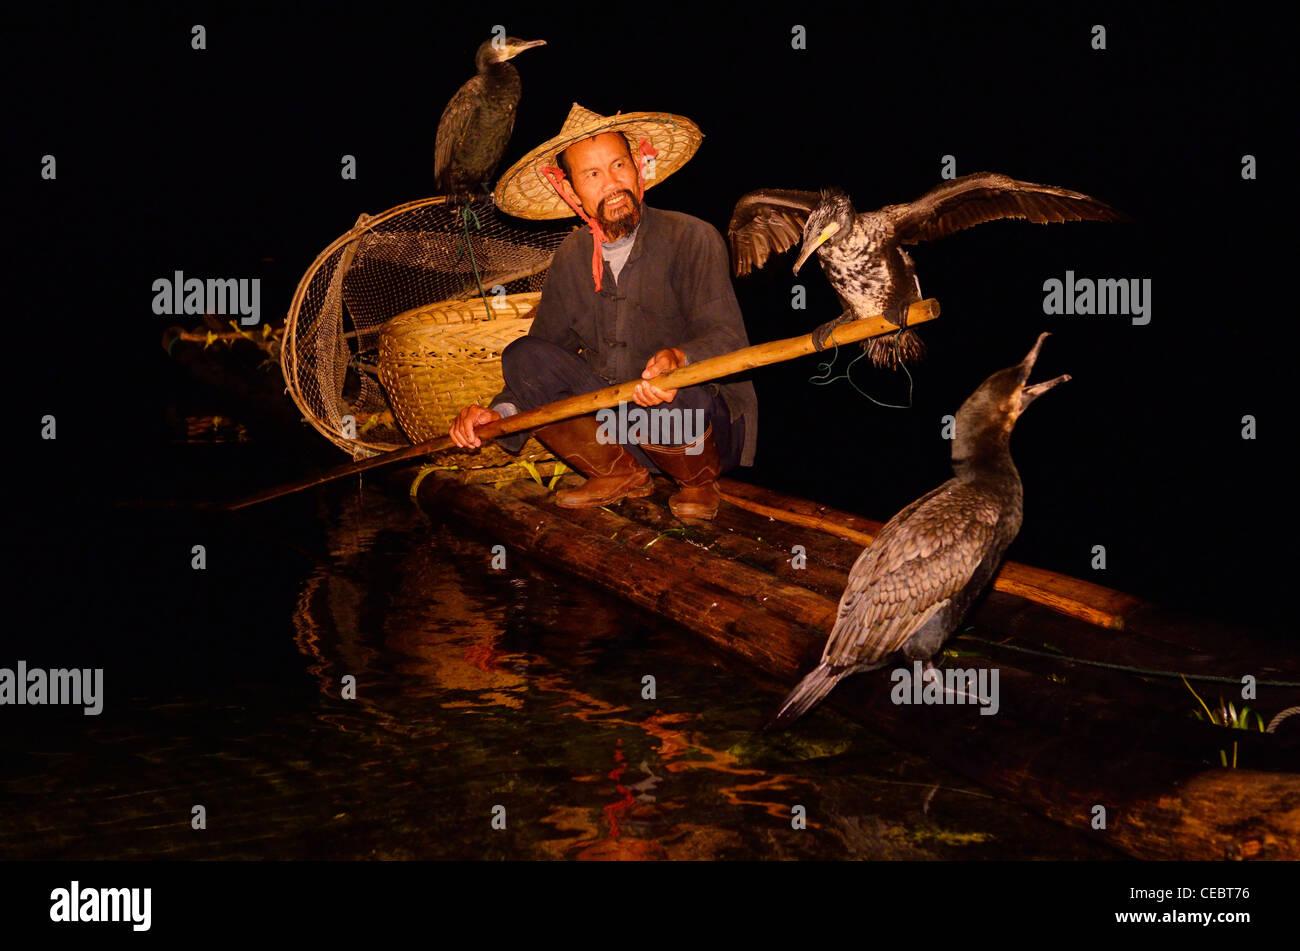 Cormorant fisherman holding bird on a pole on a bamboo raft on the Li or Lijiang river at night Xingpingzhen Yangshuo, Guilin, Guangxi China Stock Photo